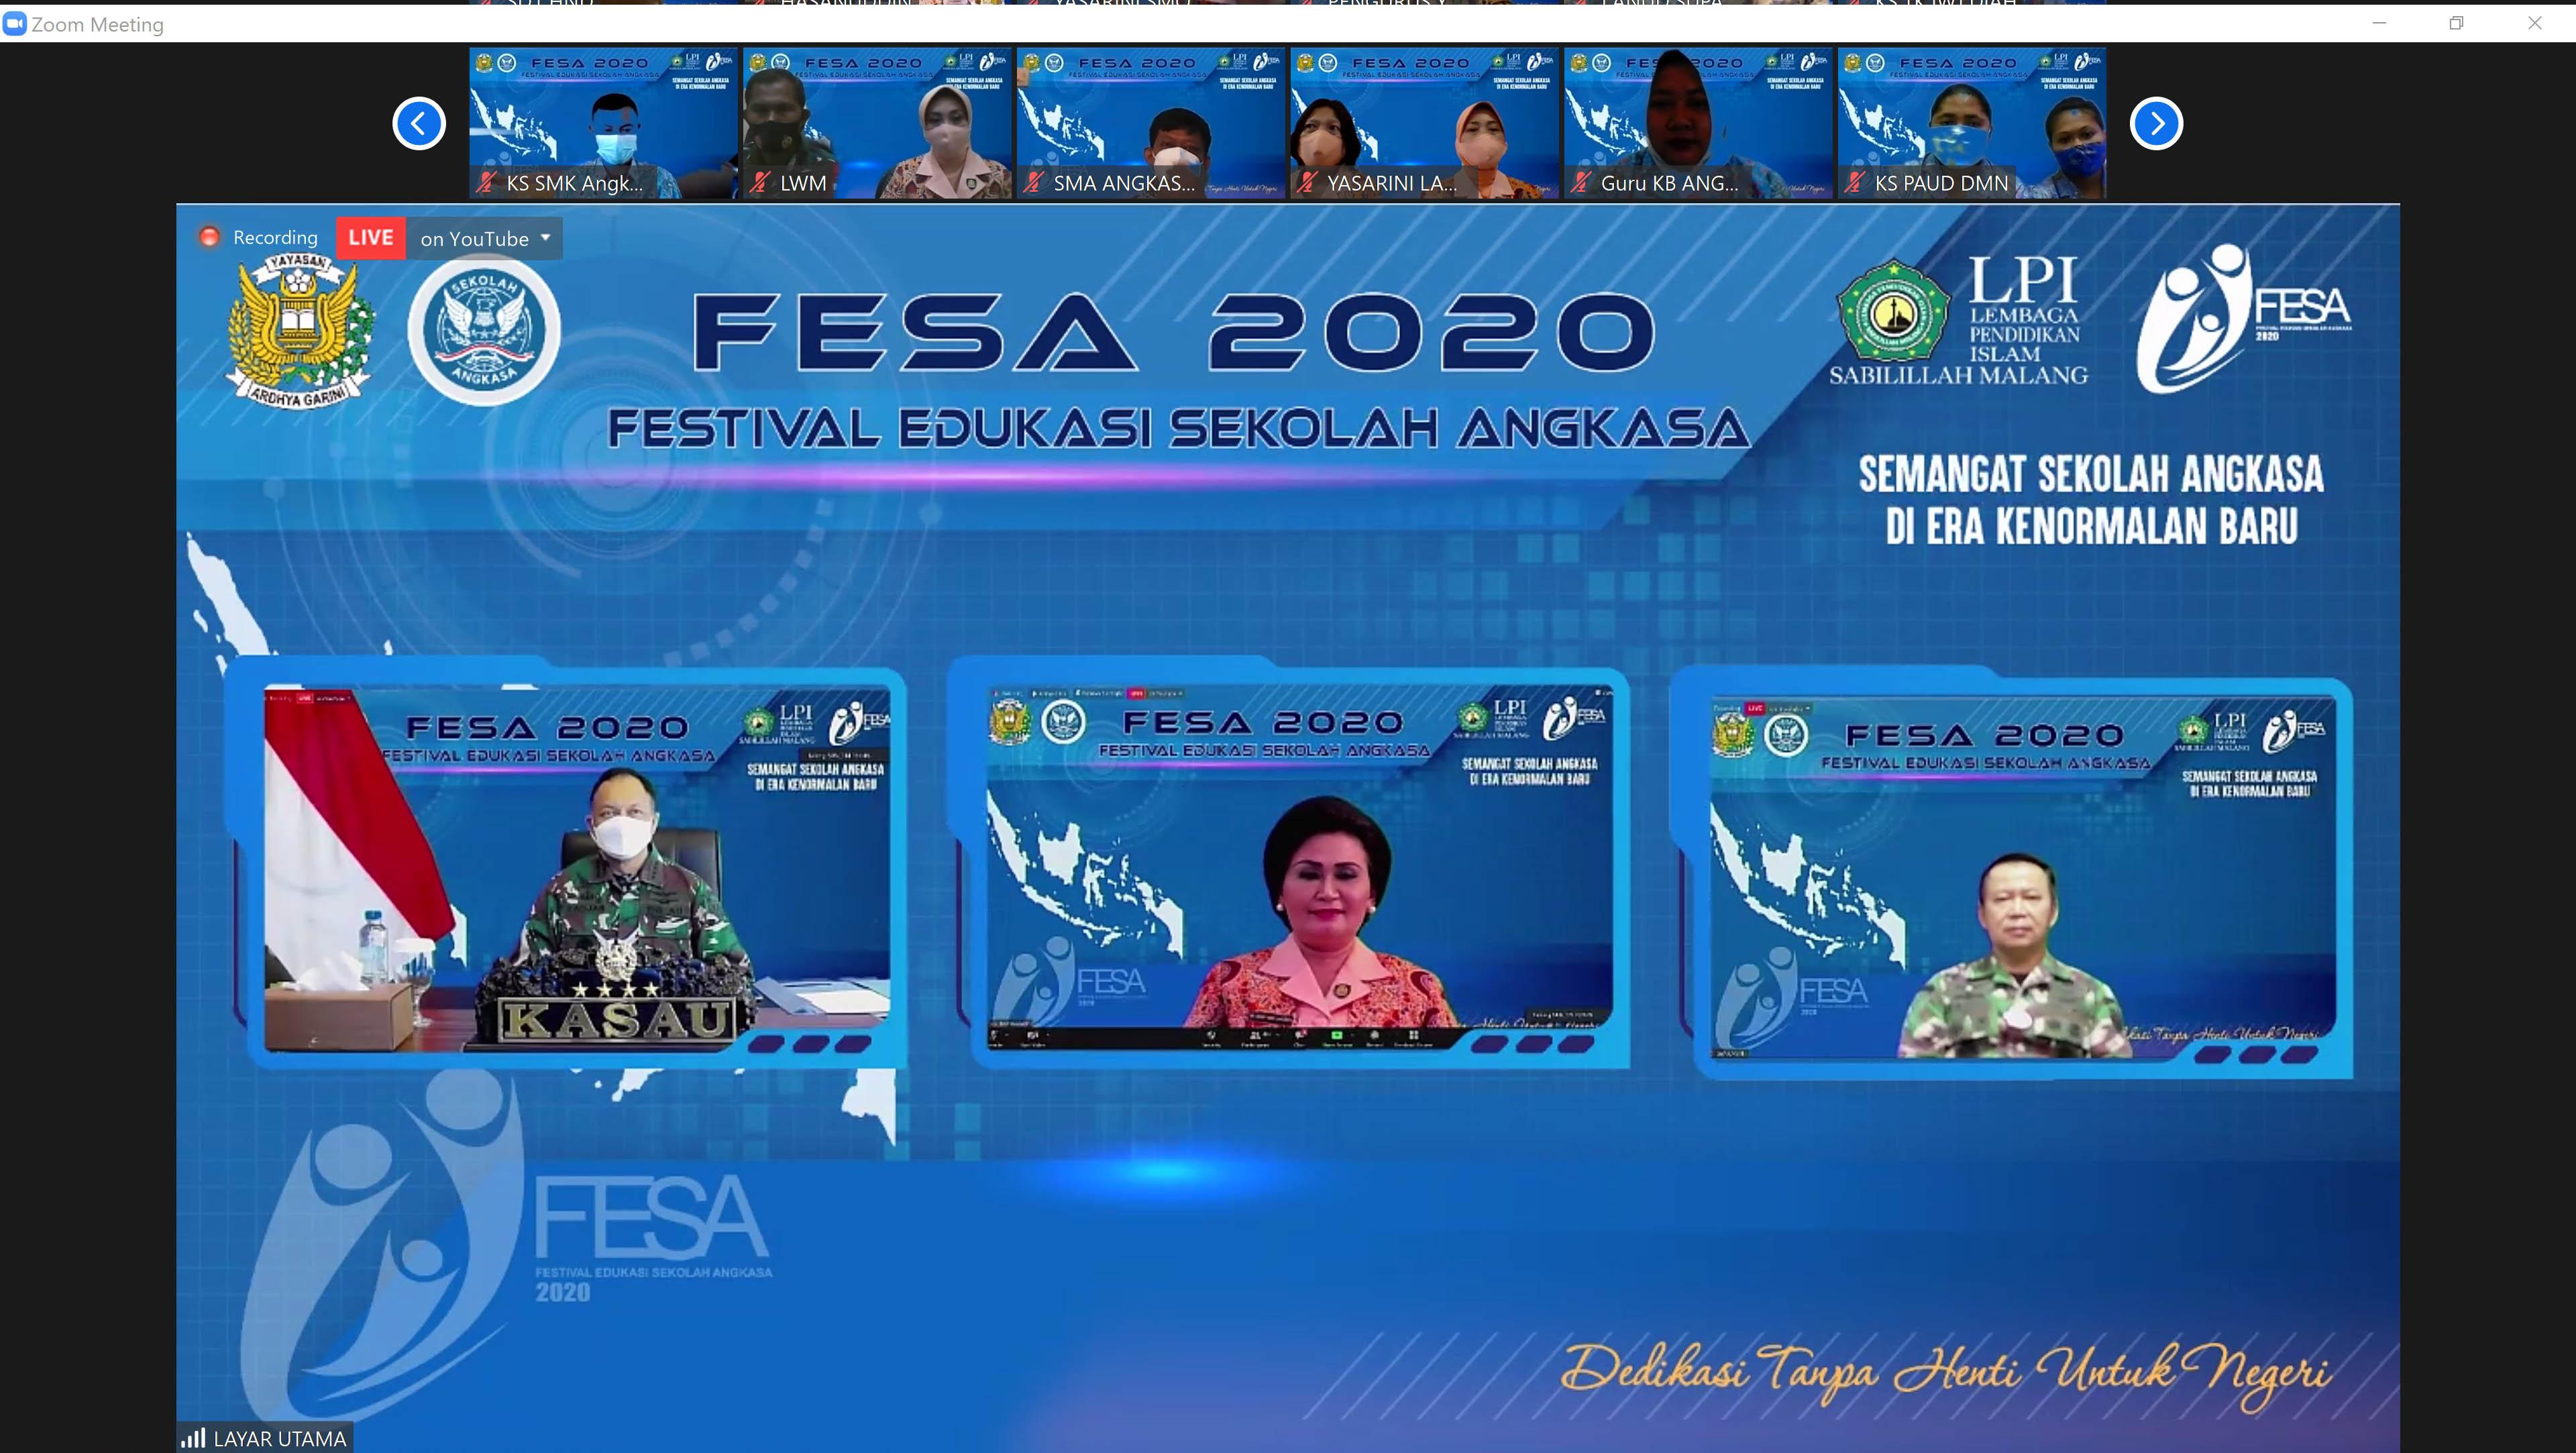 Pembukaan Festival Sekolah Angkasa IV 2020